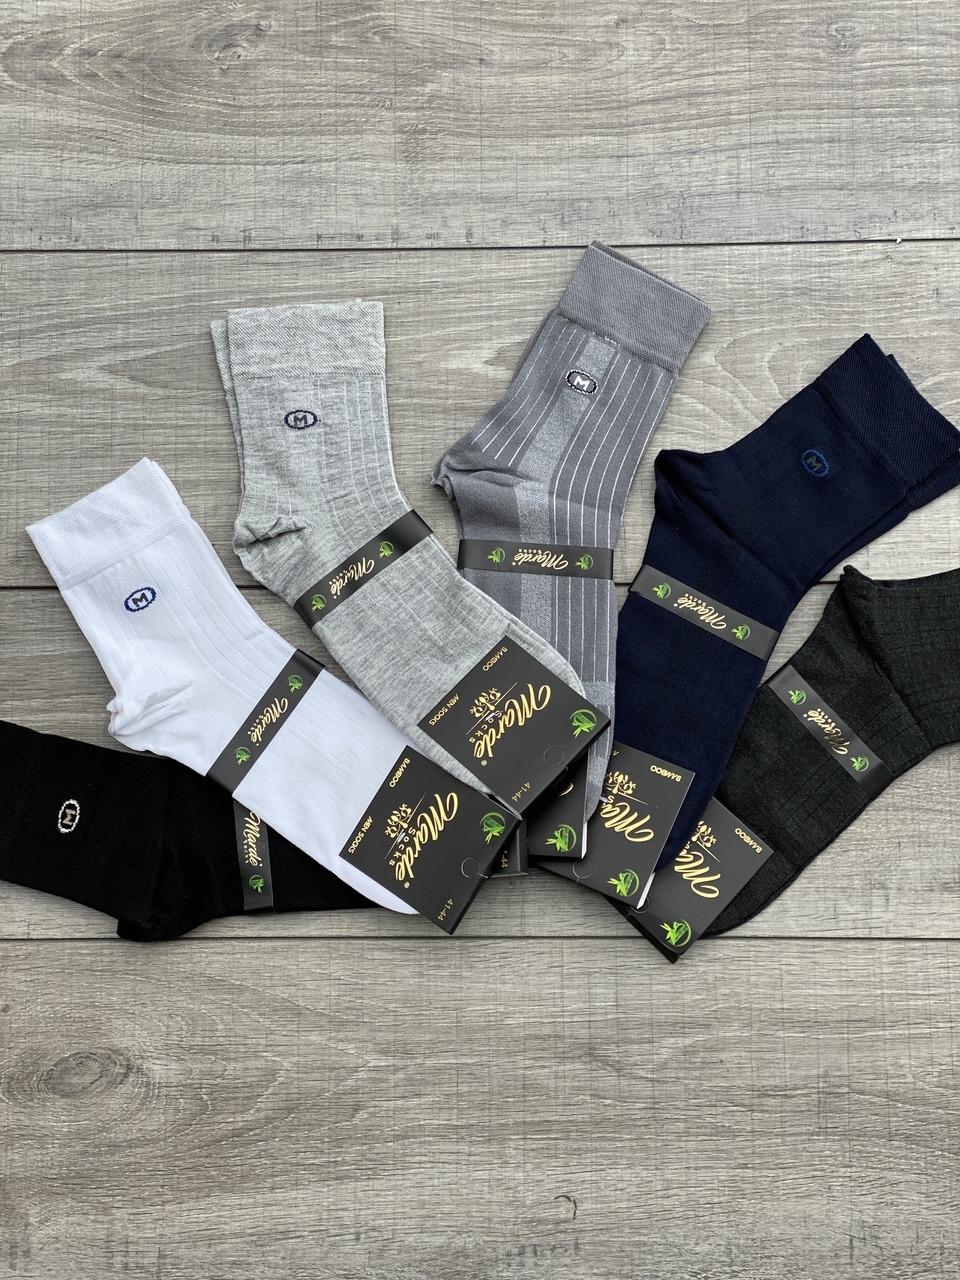 Чоловічі шкарпетки сітка Marde середні носки бамбук з буквою М без шва однотонні 40-45 12 шт в уп асорті 6 кол